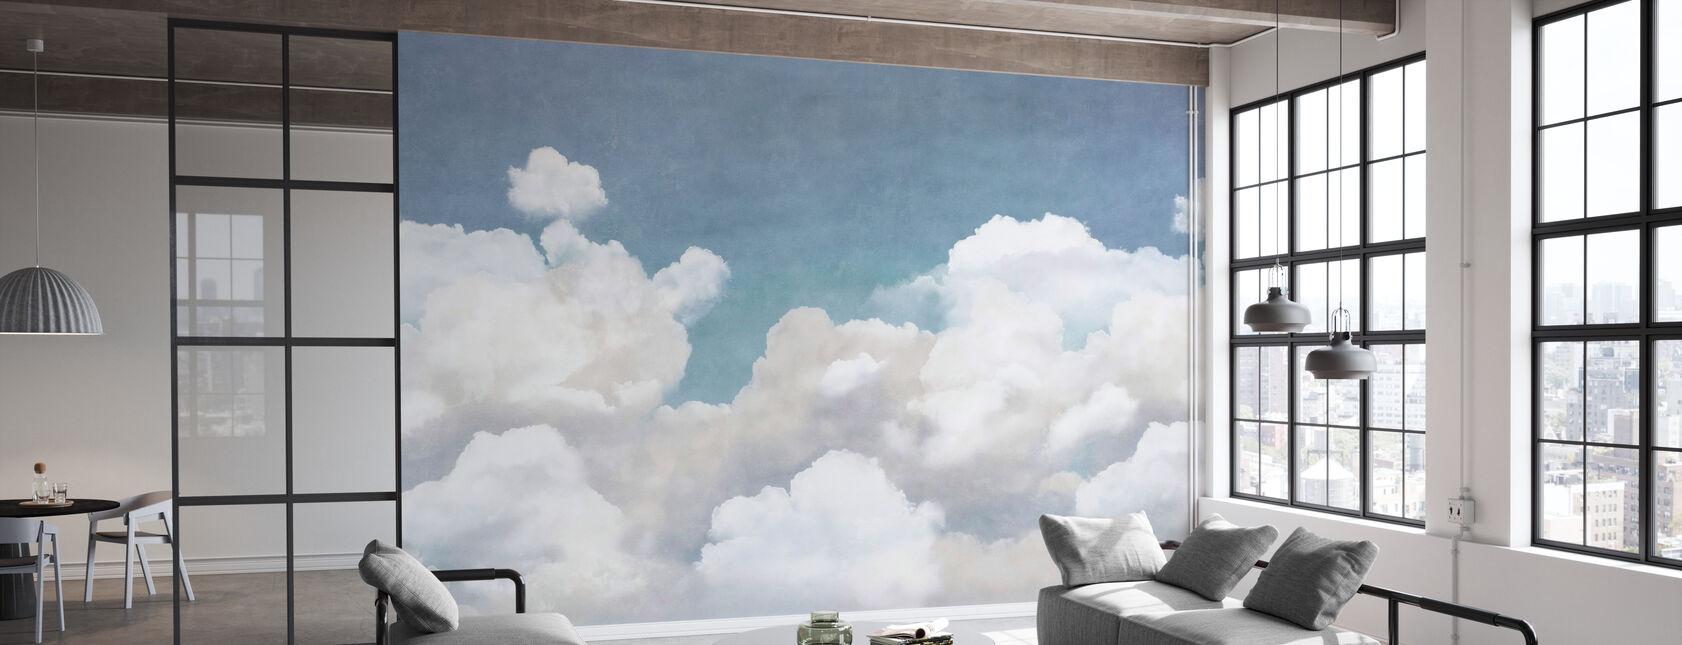 Romige wolken - Behang - Kantoor